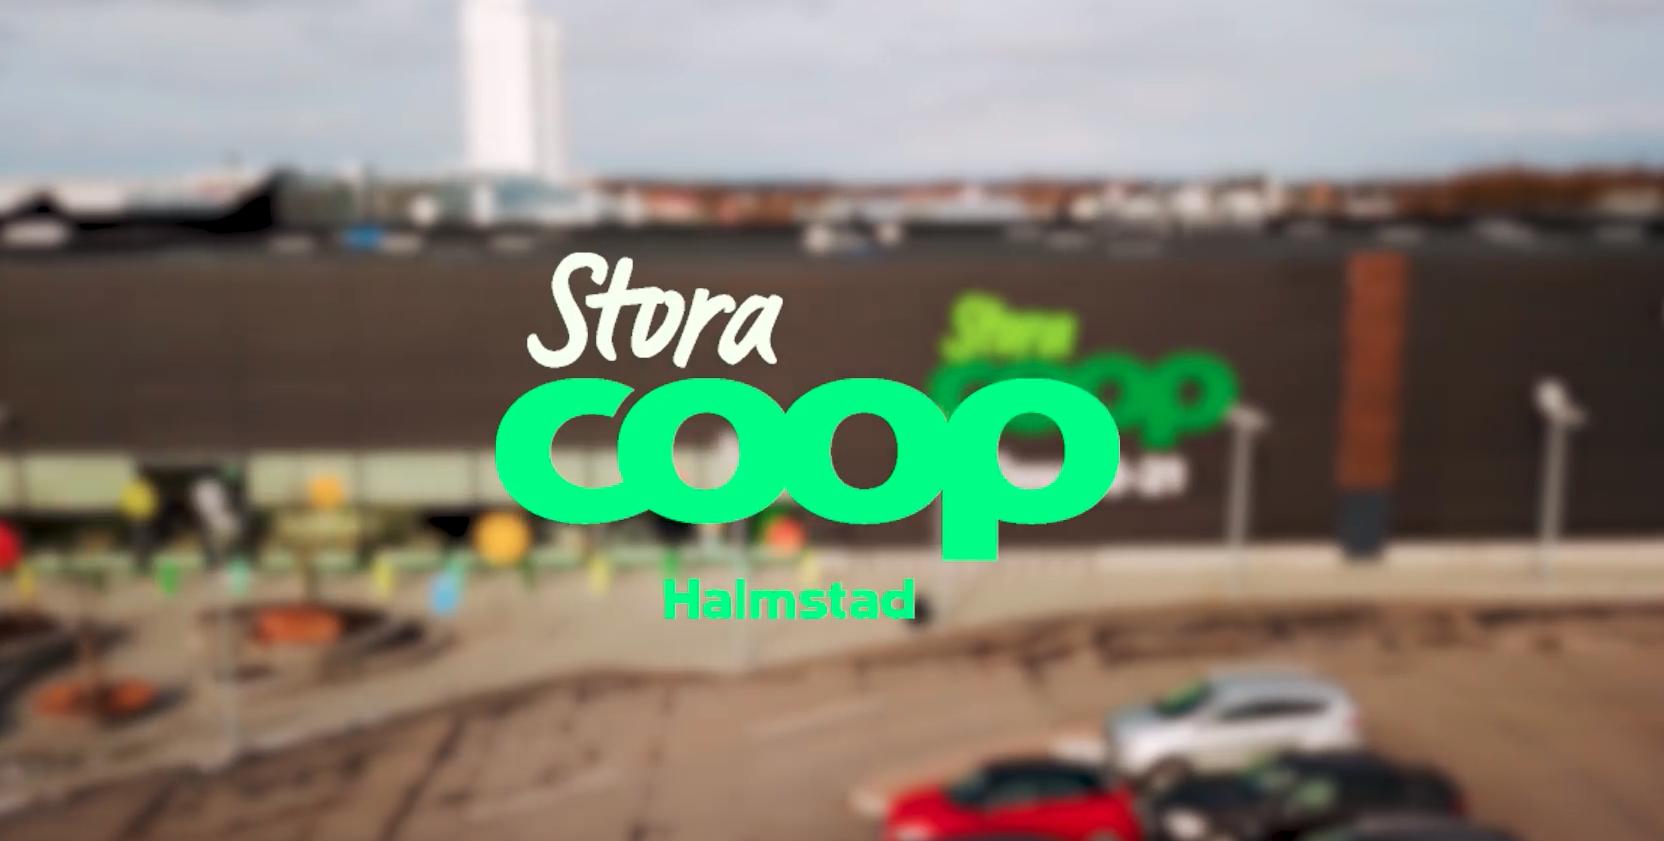 Reklamfilm för Stora Coop i Halmstad